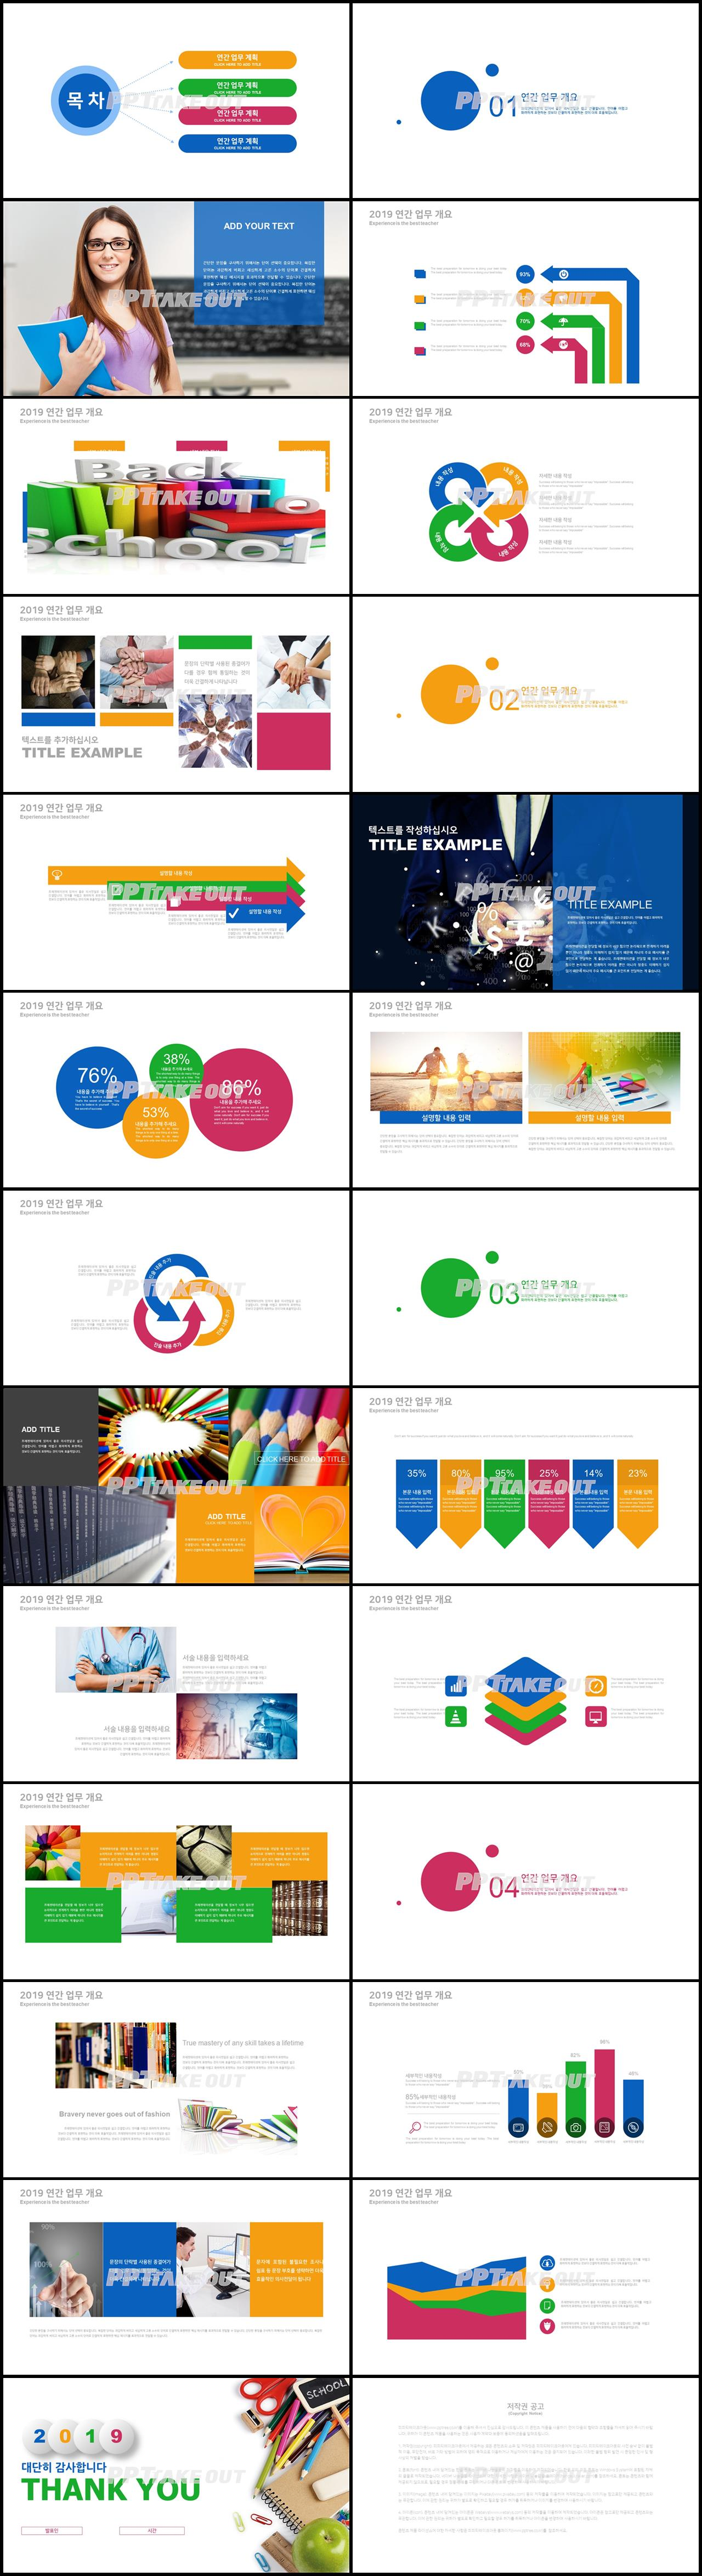 업무일지 컬러 현대적인 프로급 파워포인트양식 사이트 상세보기